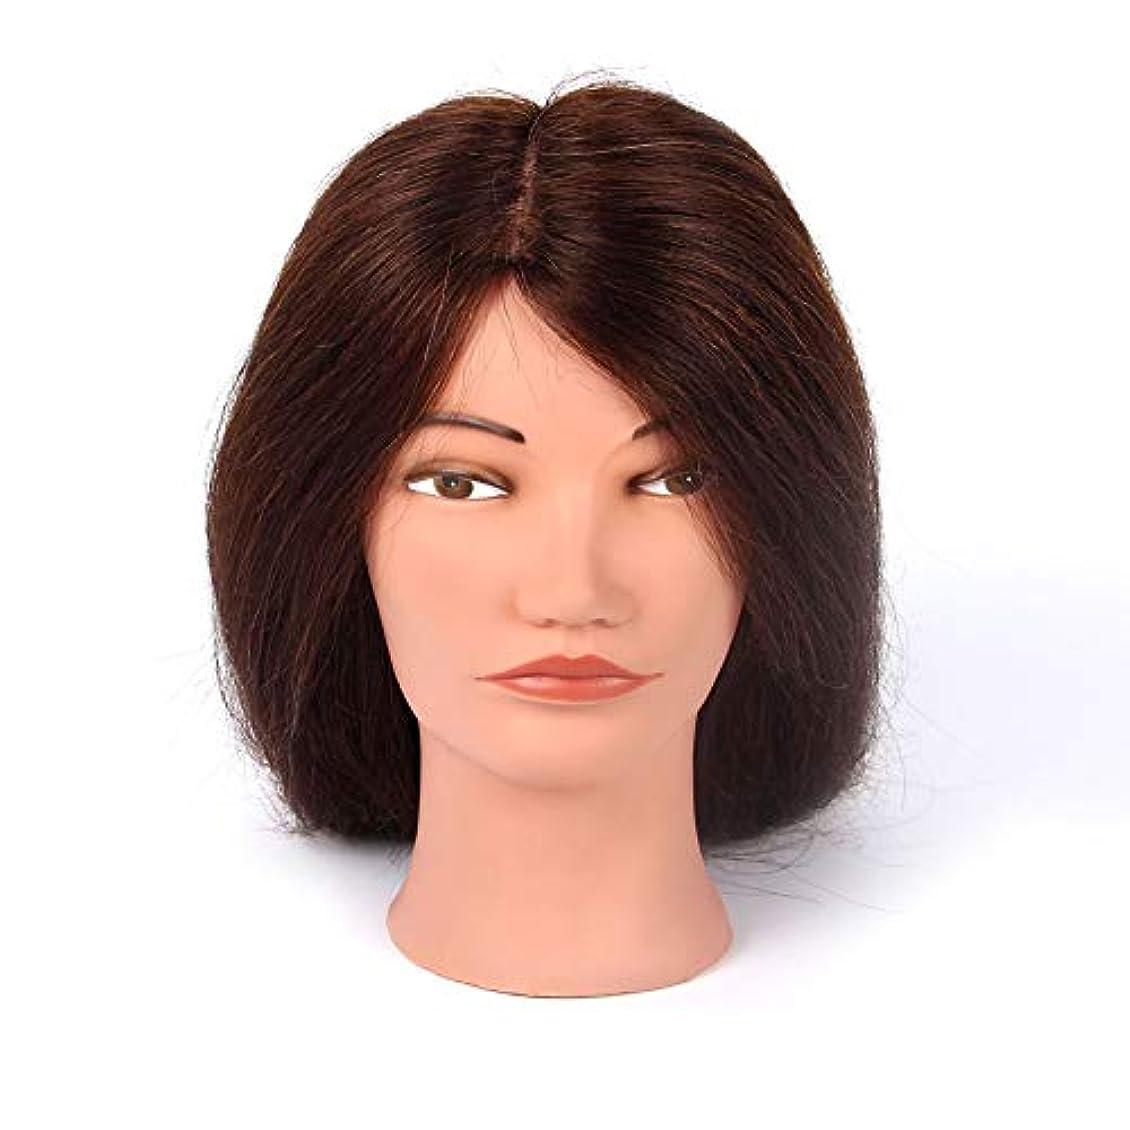 プランテーションサラミ露出度の高い理髪練習ヘッド吹くホットロールダミーヘッドパーマ髪の染め指導ヘッドメイクアップヘアスタイリングモデルヘッド